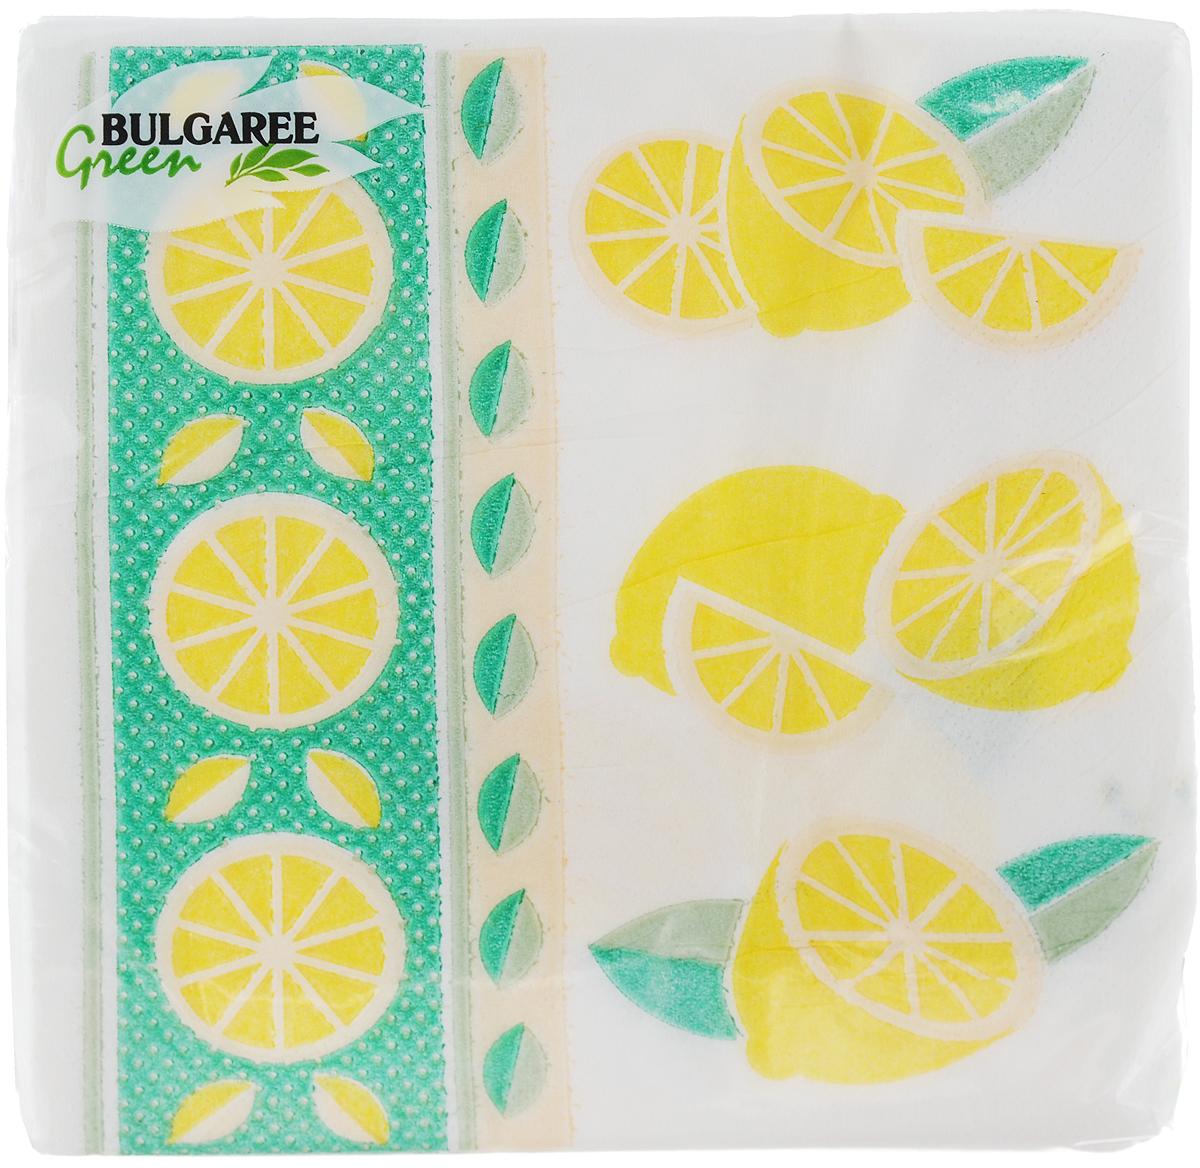 Салфетки бумажные Bulgaree Green Лимон, однослойные, 24 х 24 см, 100 штTF-14AU-12Декоративные однослойные салфетки Bulgaree Green Лимон выполнены из 100%целлюлозы европейского качества и оформлены ярким рисунком. Изделия станут отличным дополнением любого праздничного стола. Они отличаются необычной мягкостью, прочностью и оригинальностью.Размер салфеток в развернутом виде: 24 х 24 см.